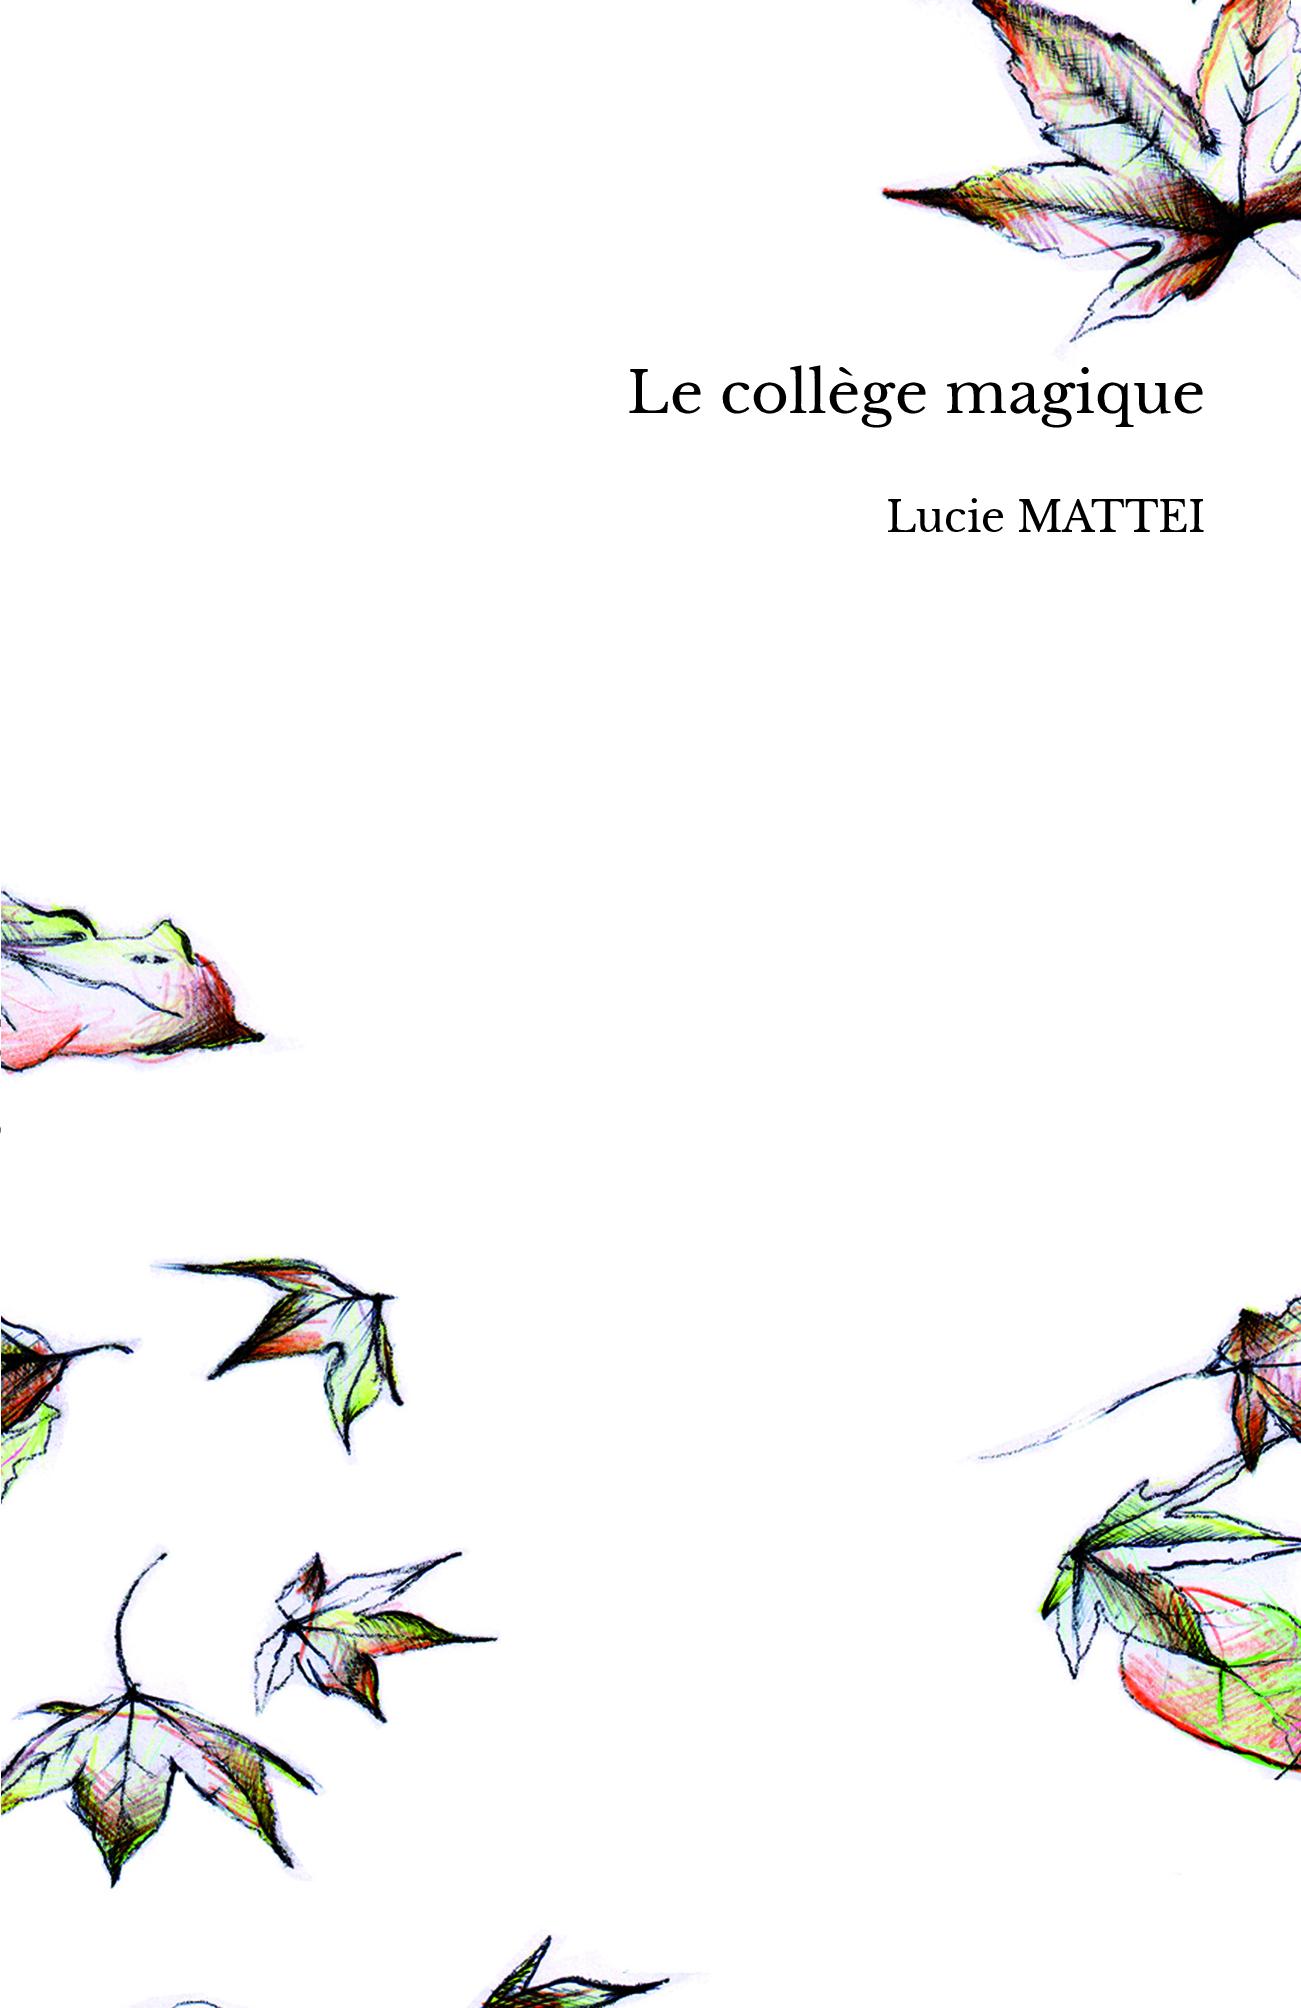 Le collège magique